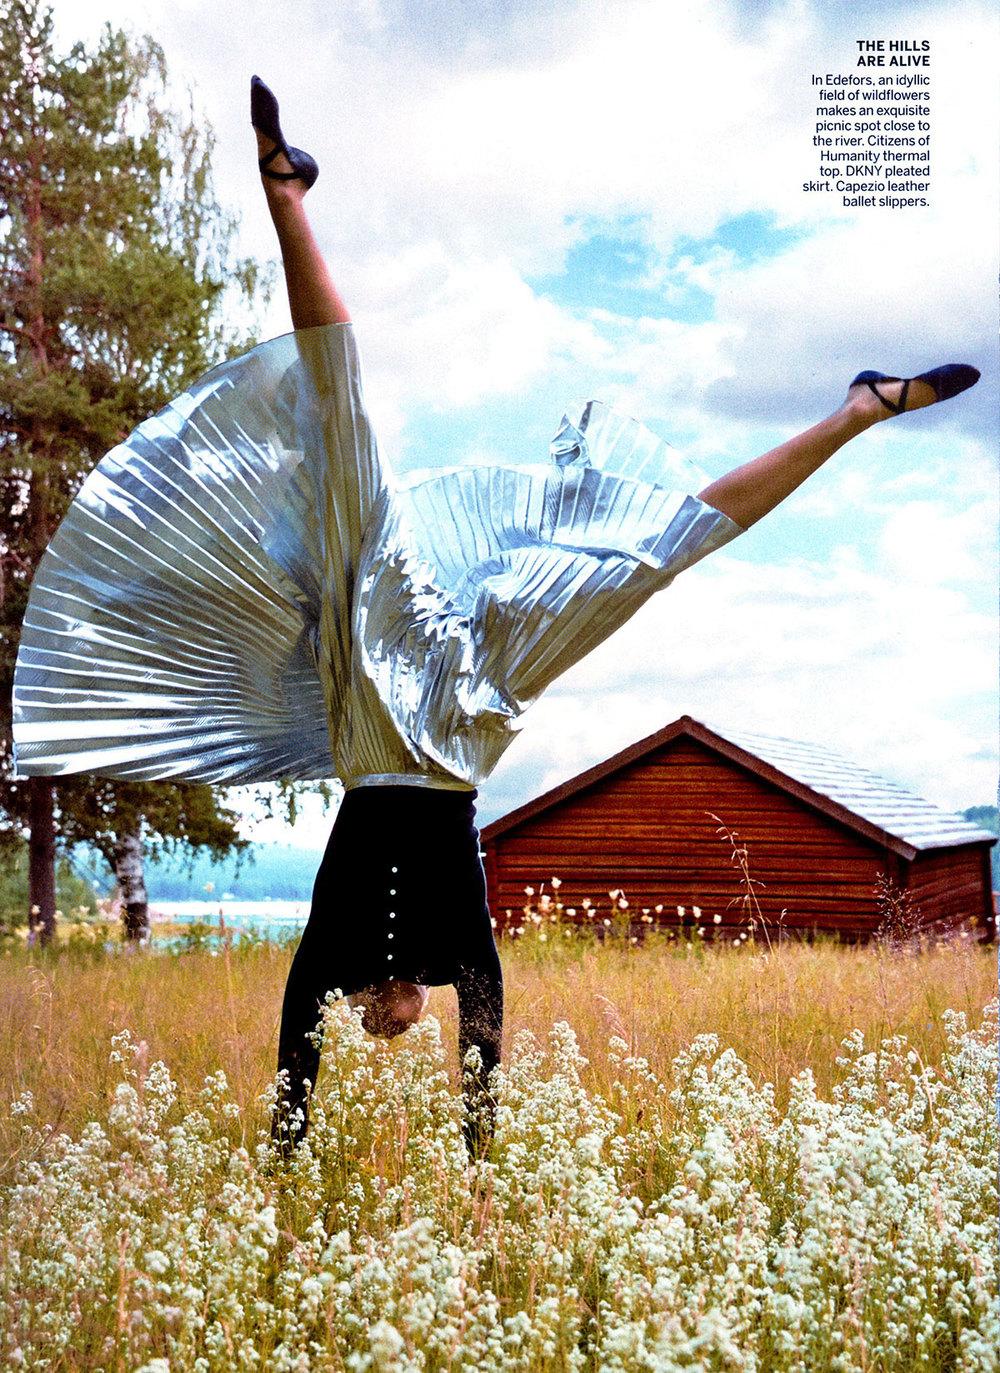 KARLIE-KLOSS-in-Vogue-Magazine-December-2014-Issue-4[1].jpg